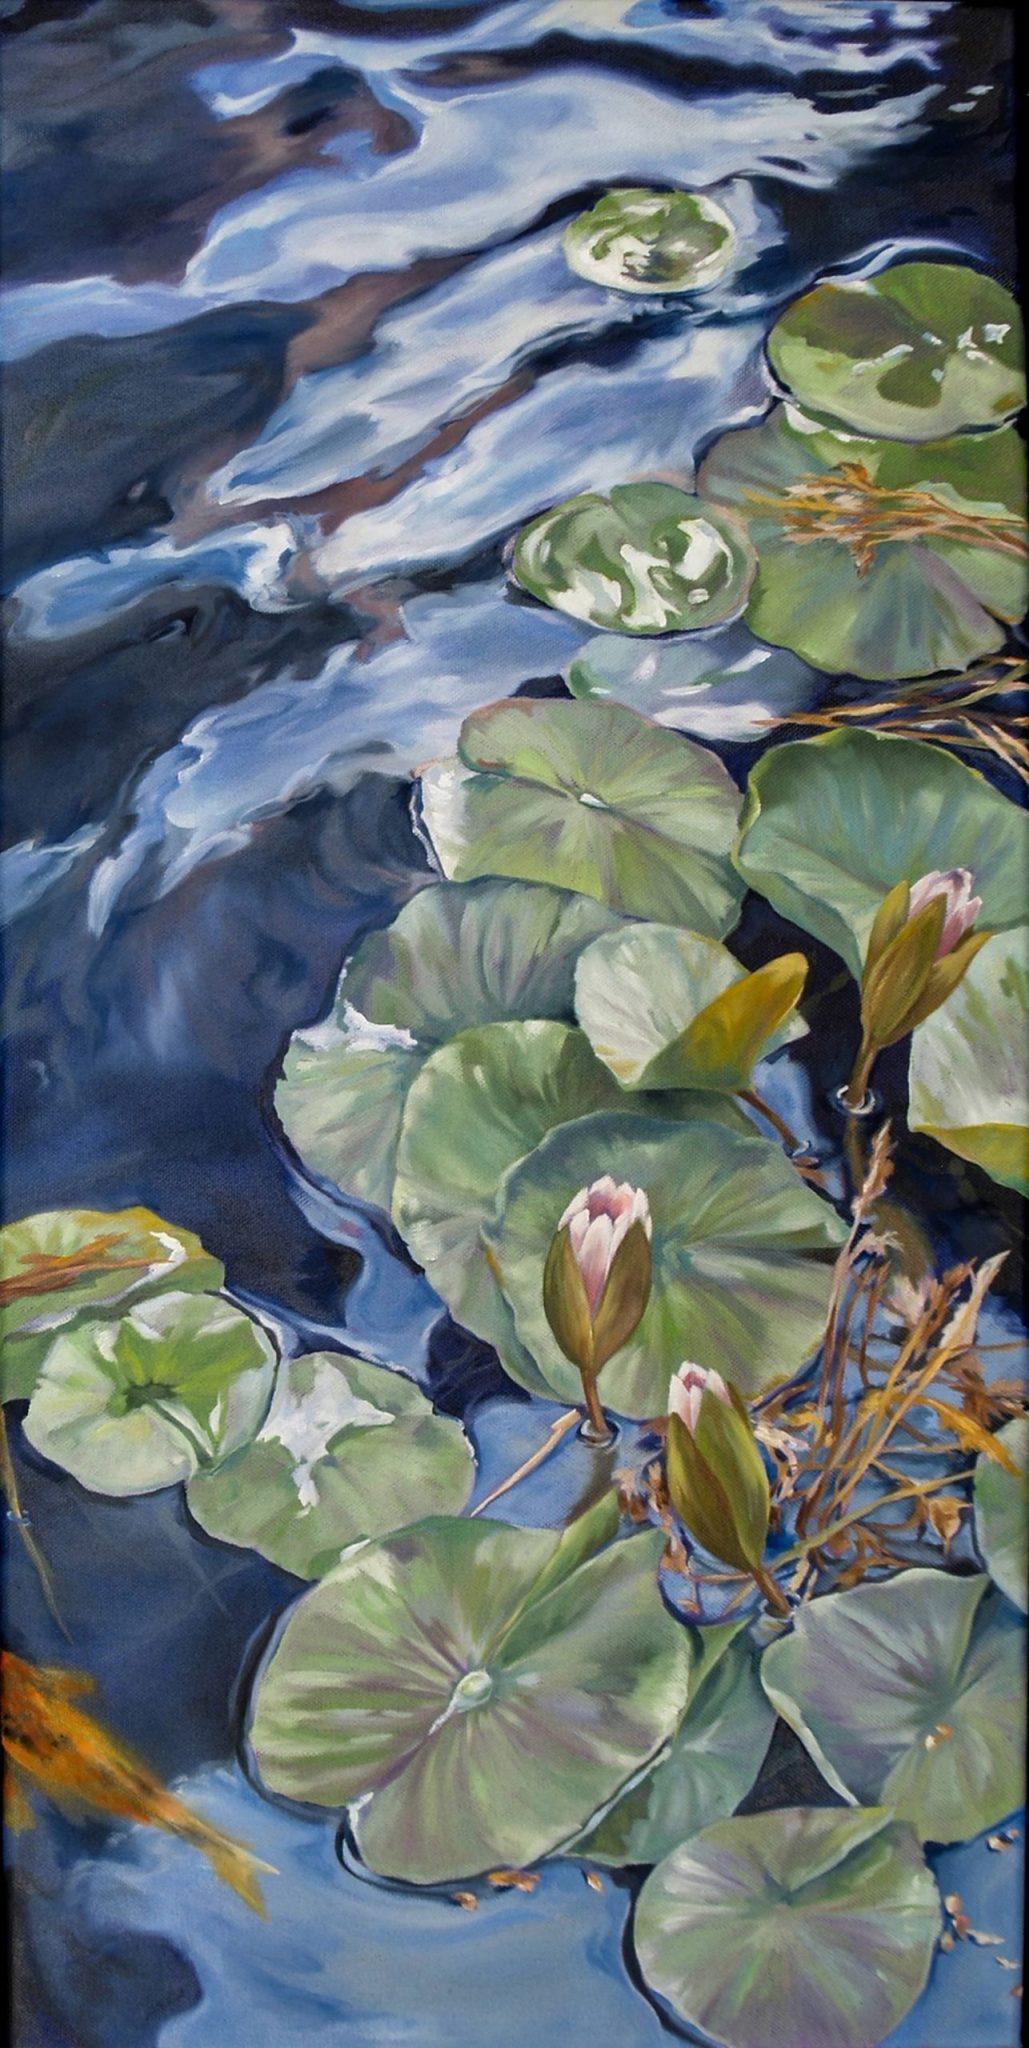 I Lose Myself Amid So Many by Lora Witt